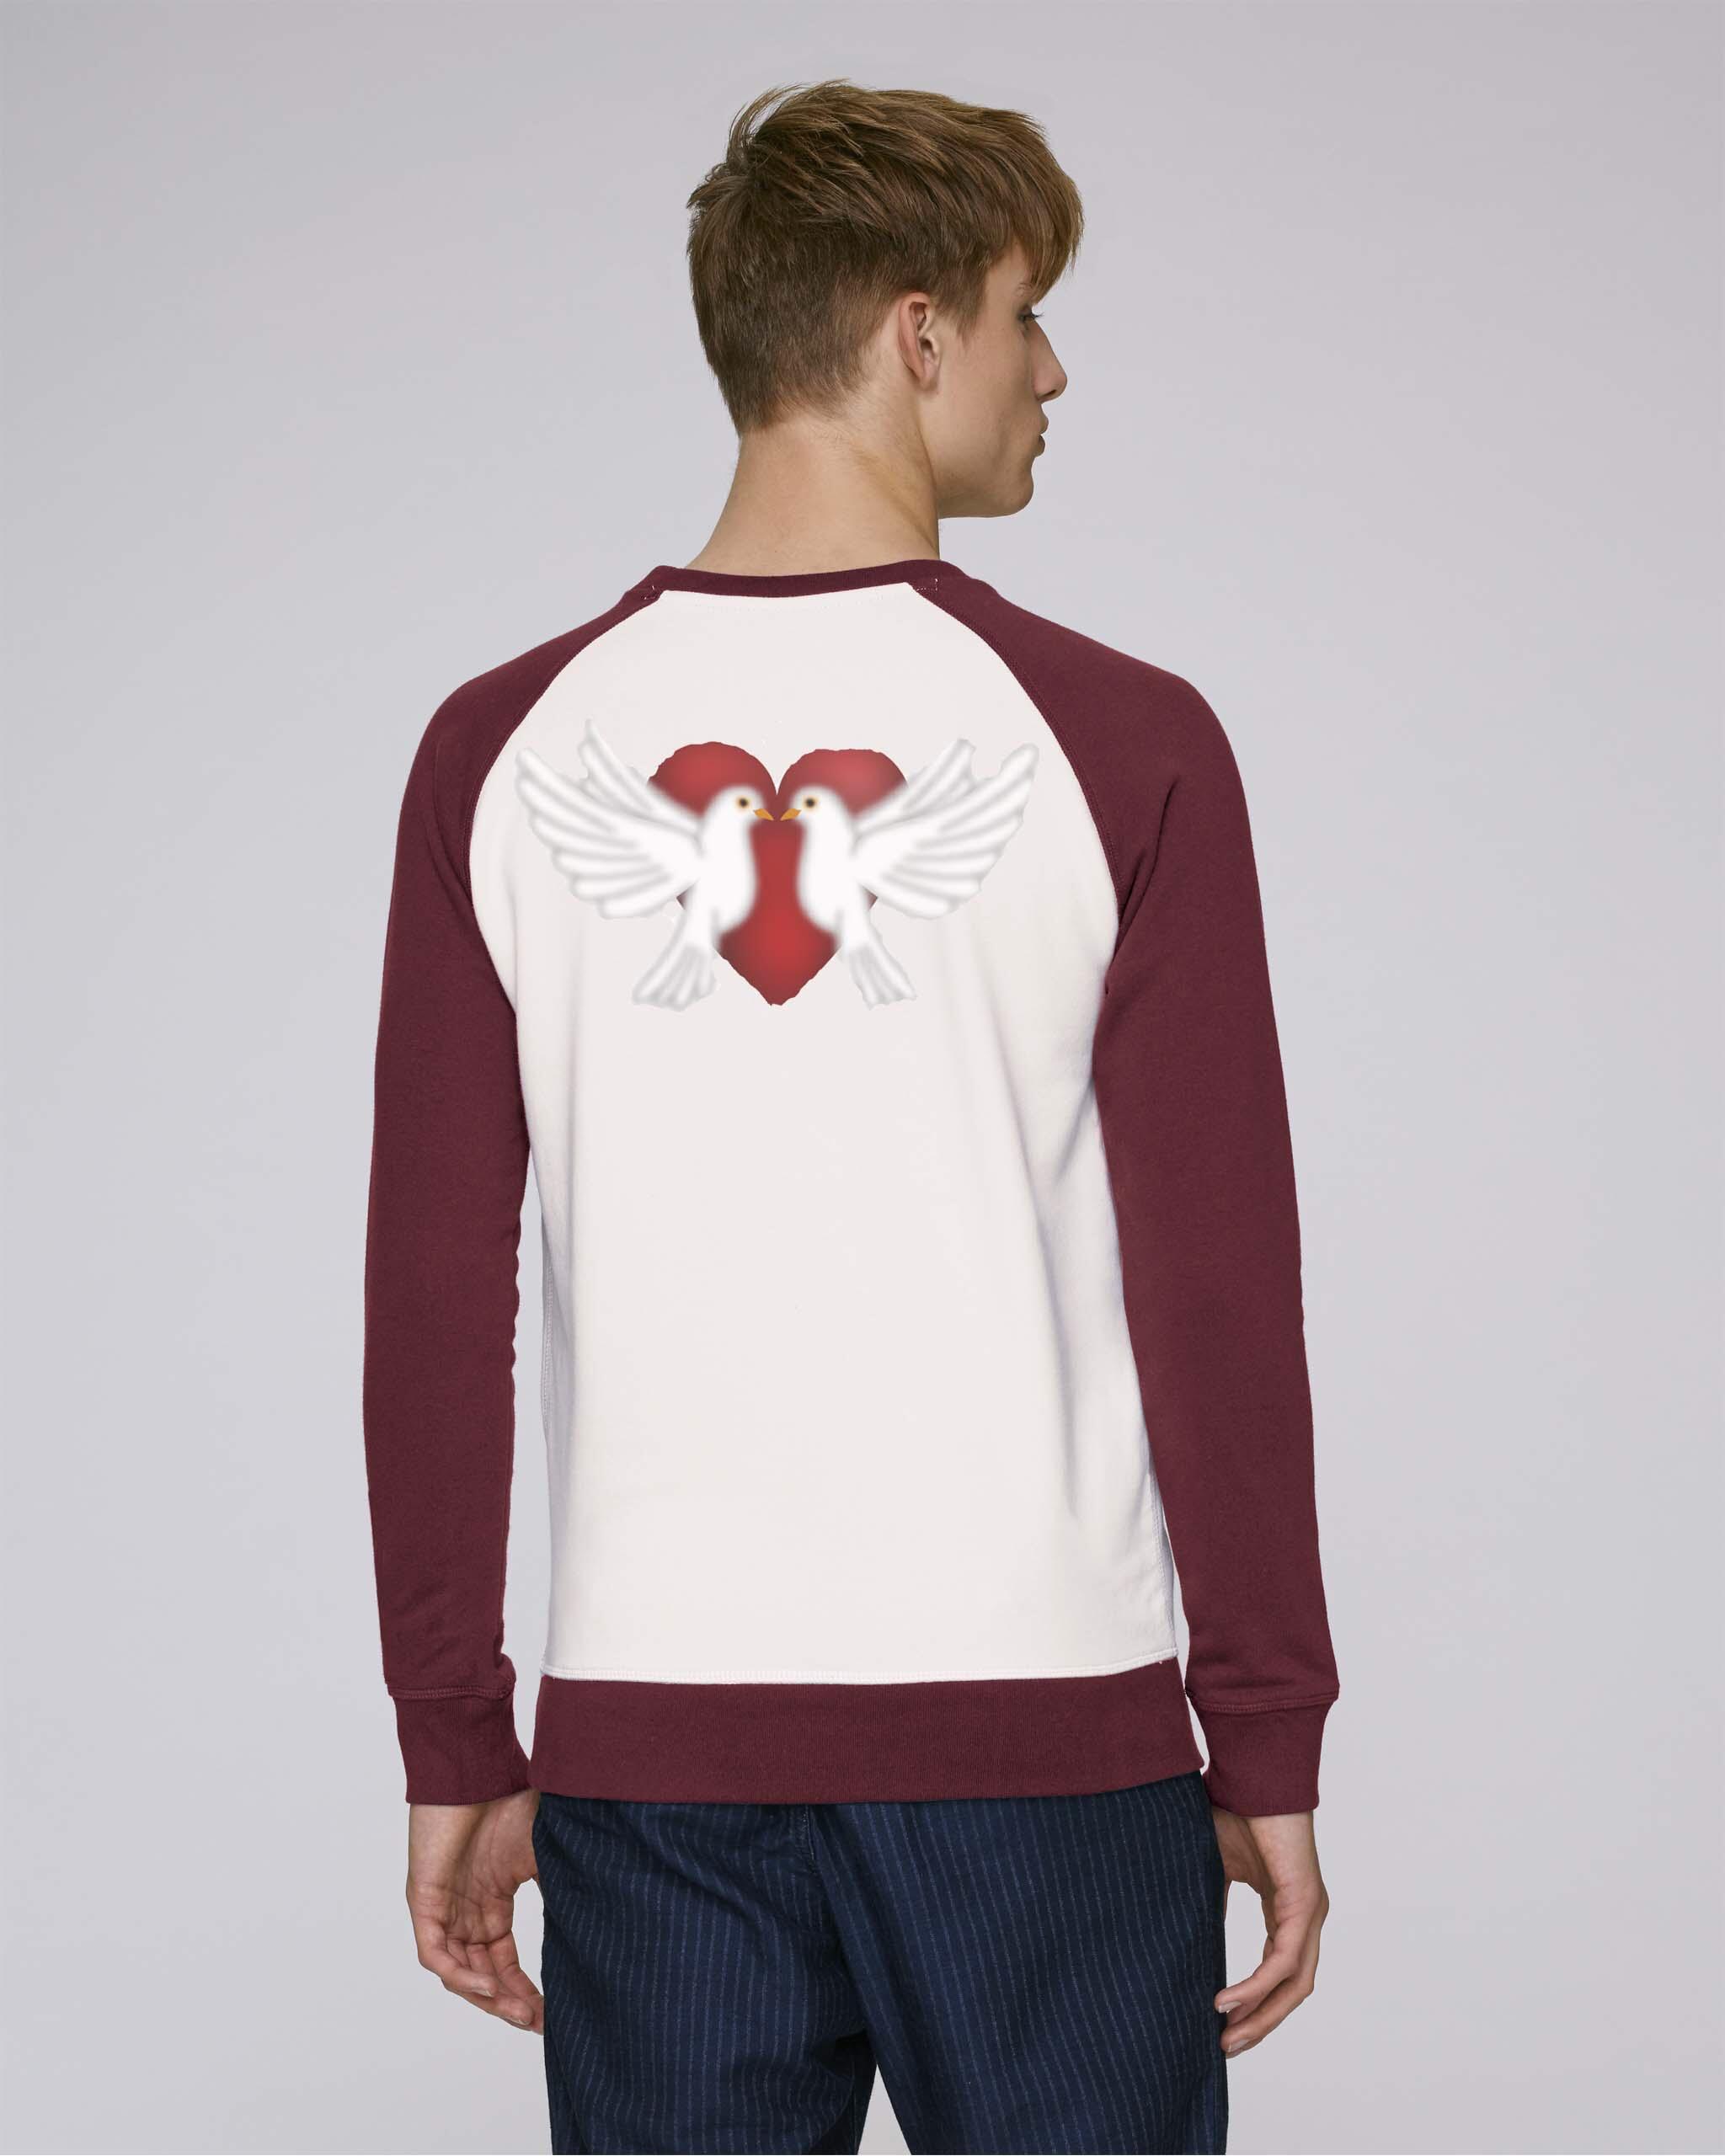 T-Shirt Bio Homme manche longue bordeaux - peace tee